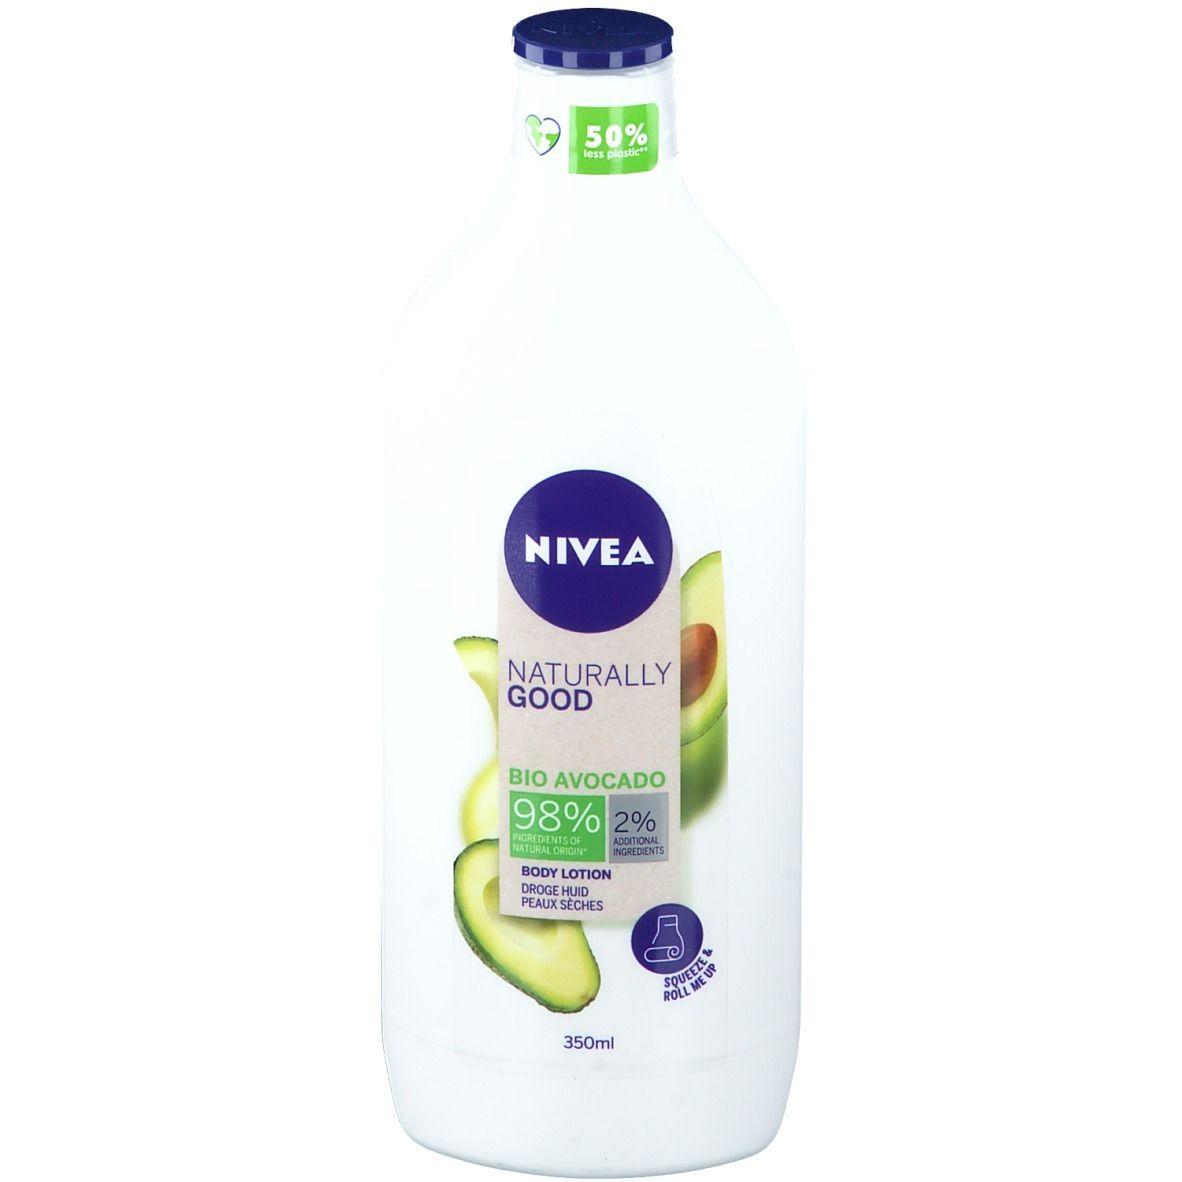 Image of NIVEA Naturally Good Feuchtigkeitsspendende Bodylotion